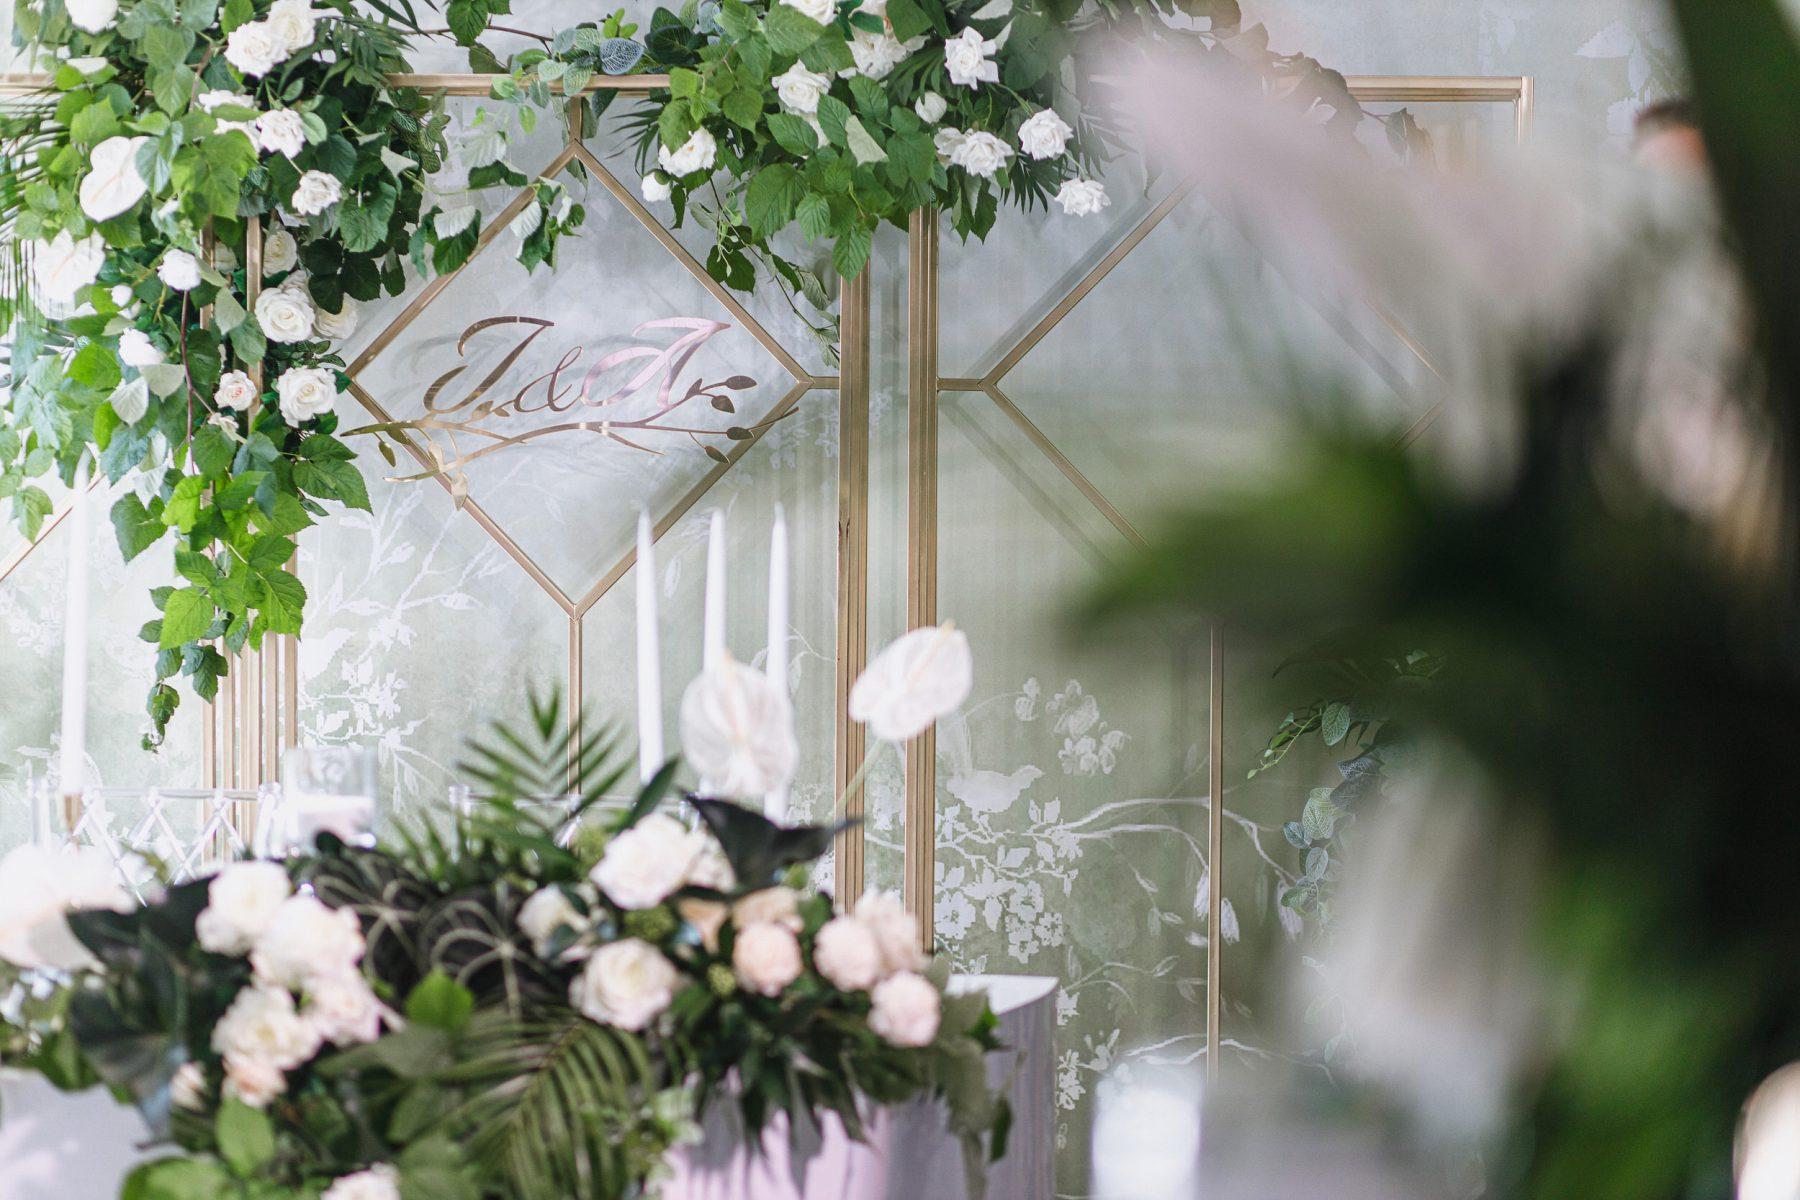 Подставки для цветов на свадьбу интересная свадьбаПодставки для цветов на свадьбу интересная свадьба